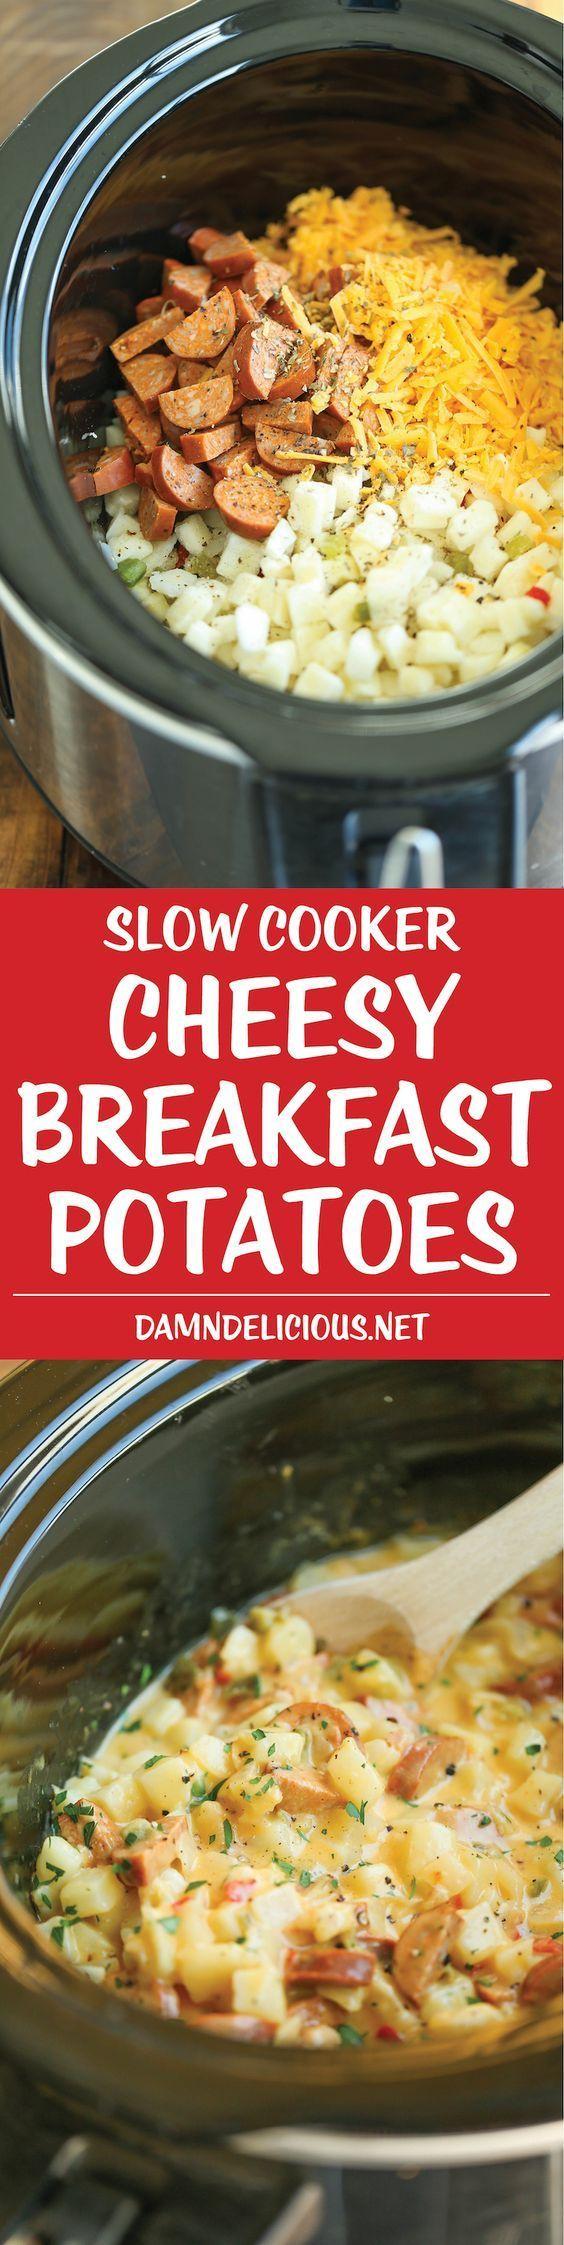 Papas de desayuno con queso y olla de cocción lenta   – Crock Pot Recipes